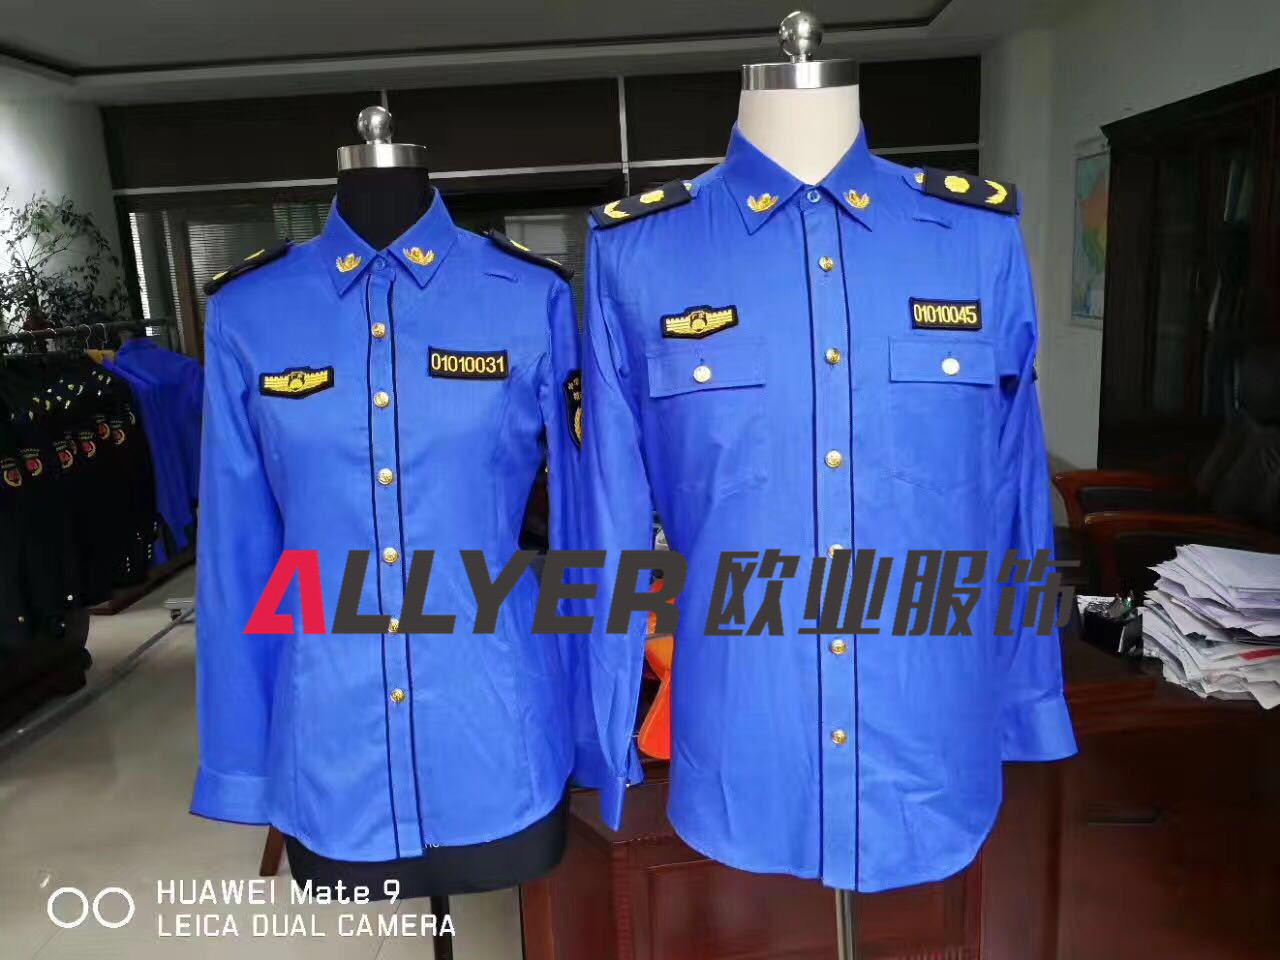 城管制服衬衣长袖款式